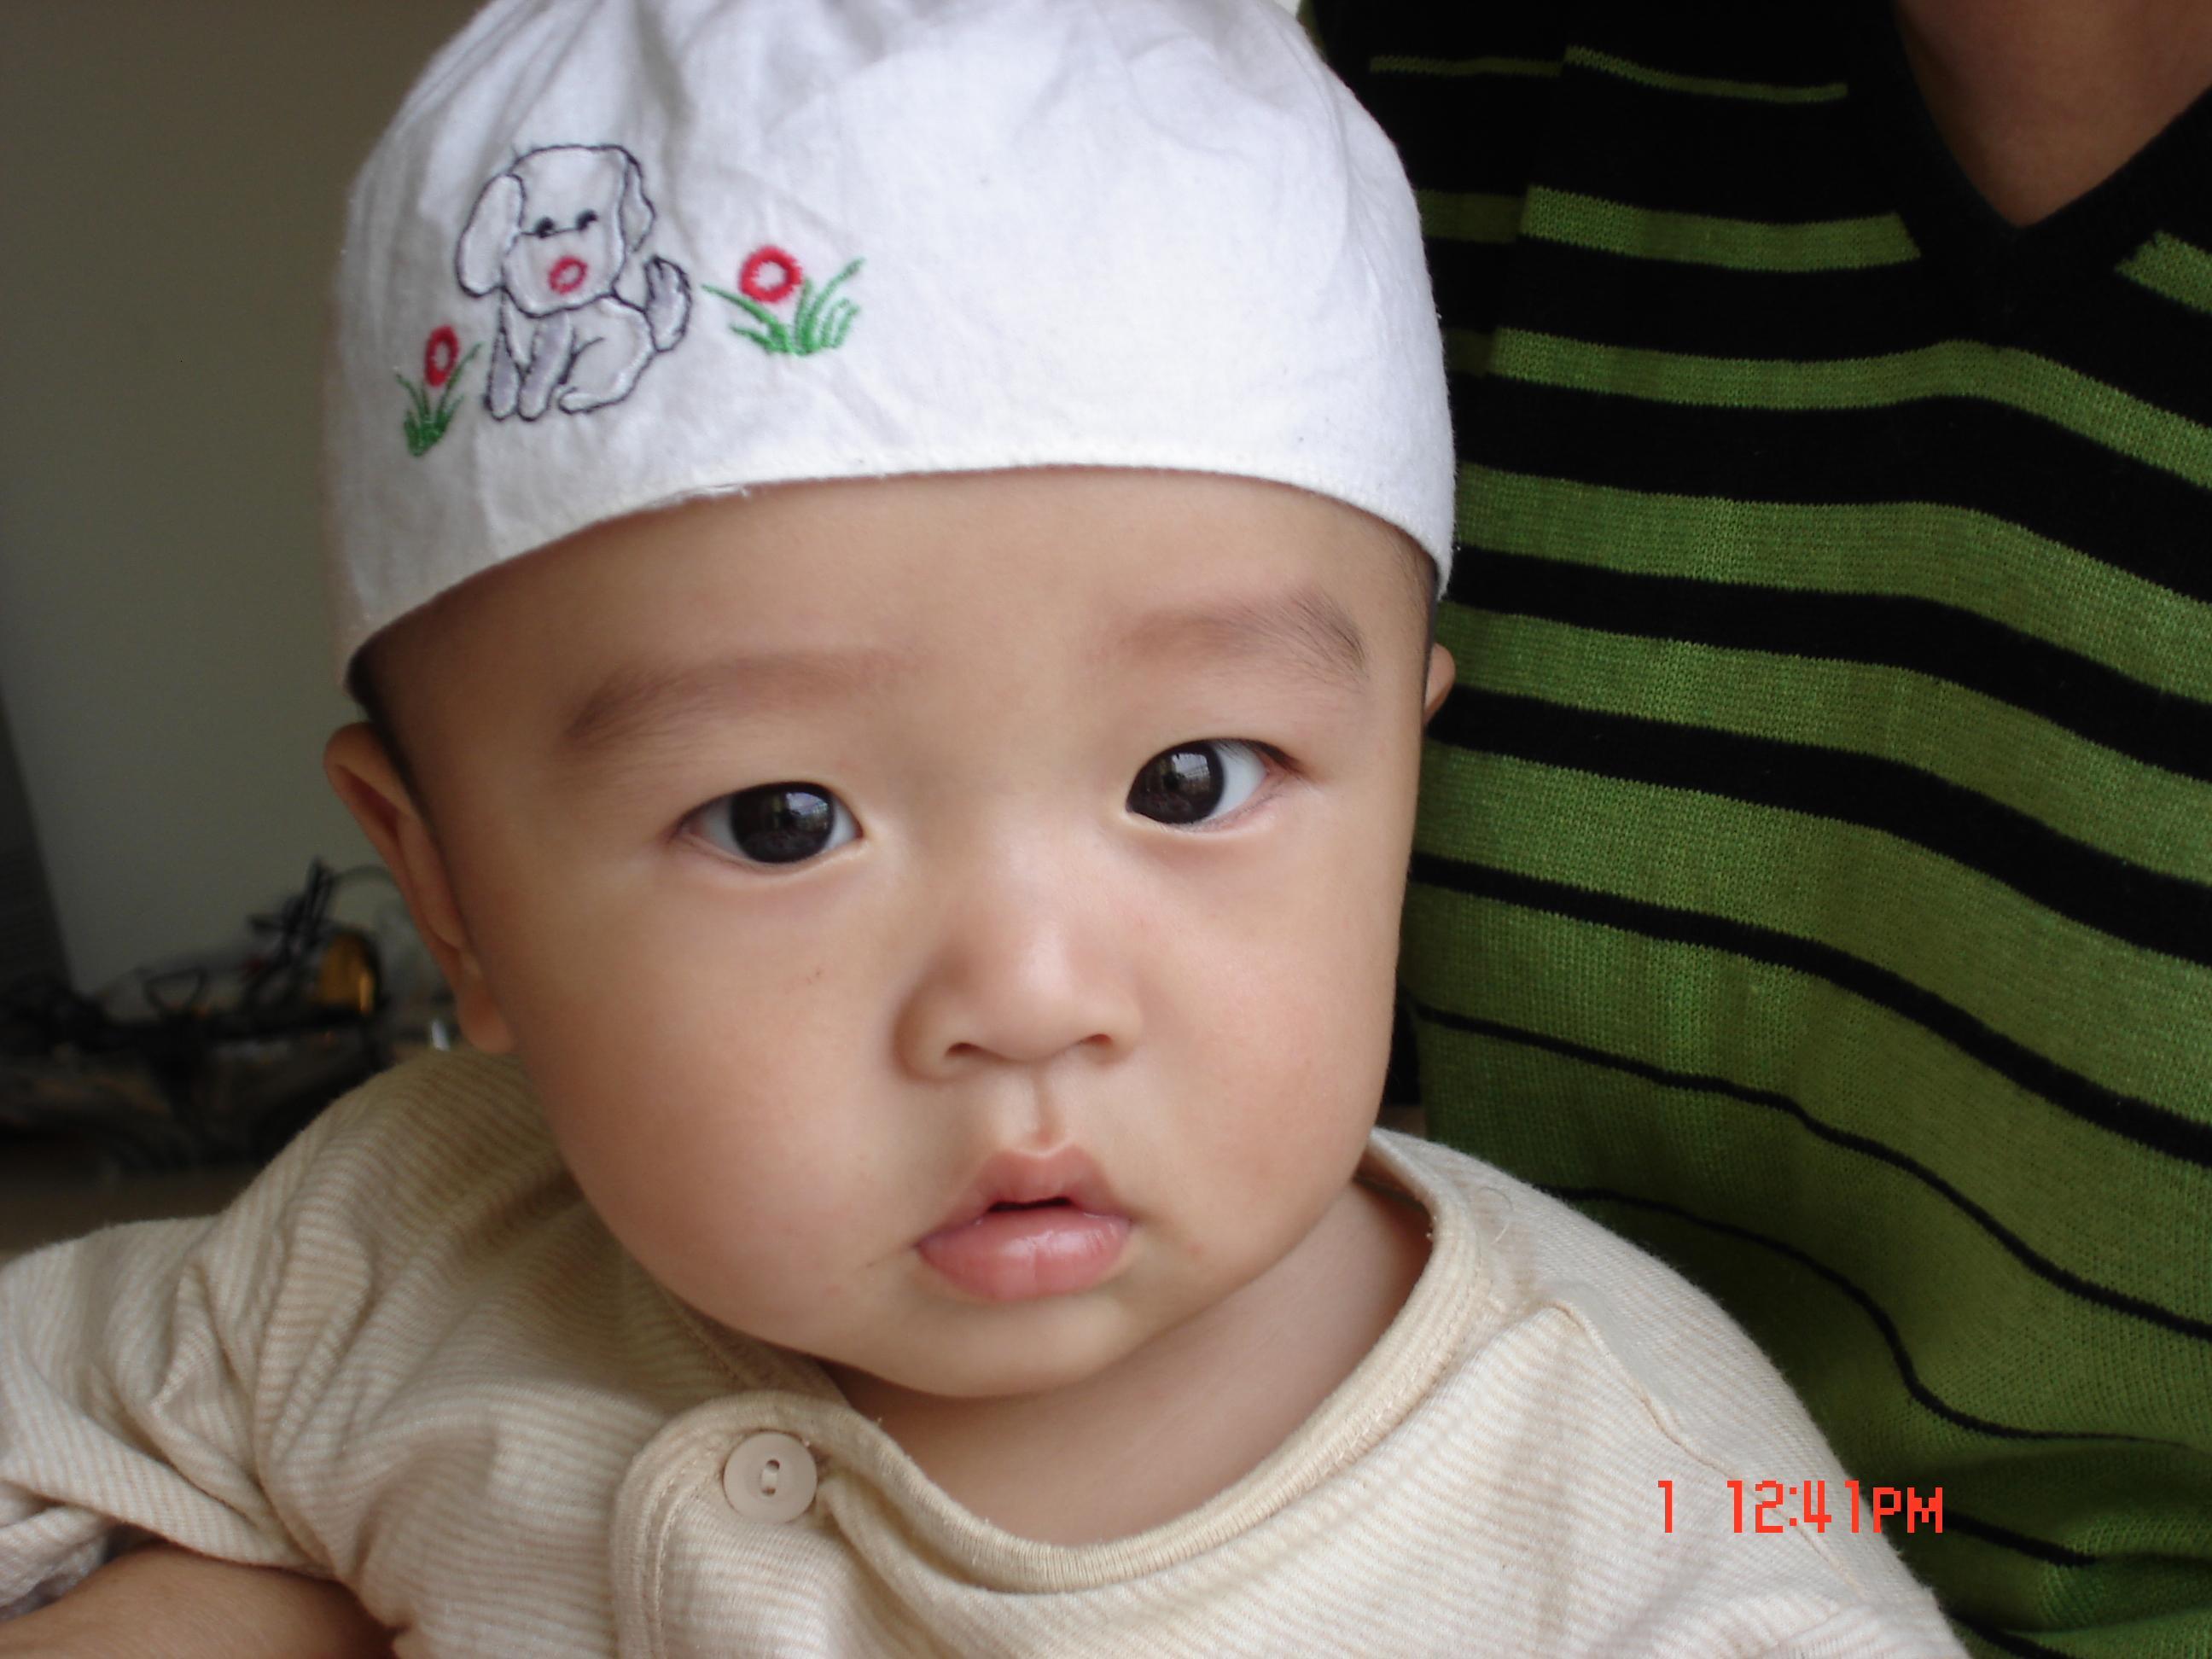 宝宝 壁纸 儿童 孩子 小孩 婴儿 2592_1944